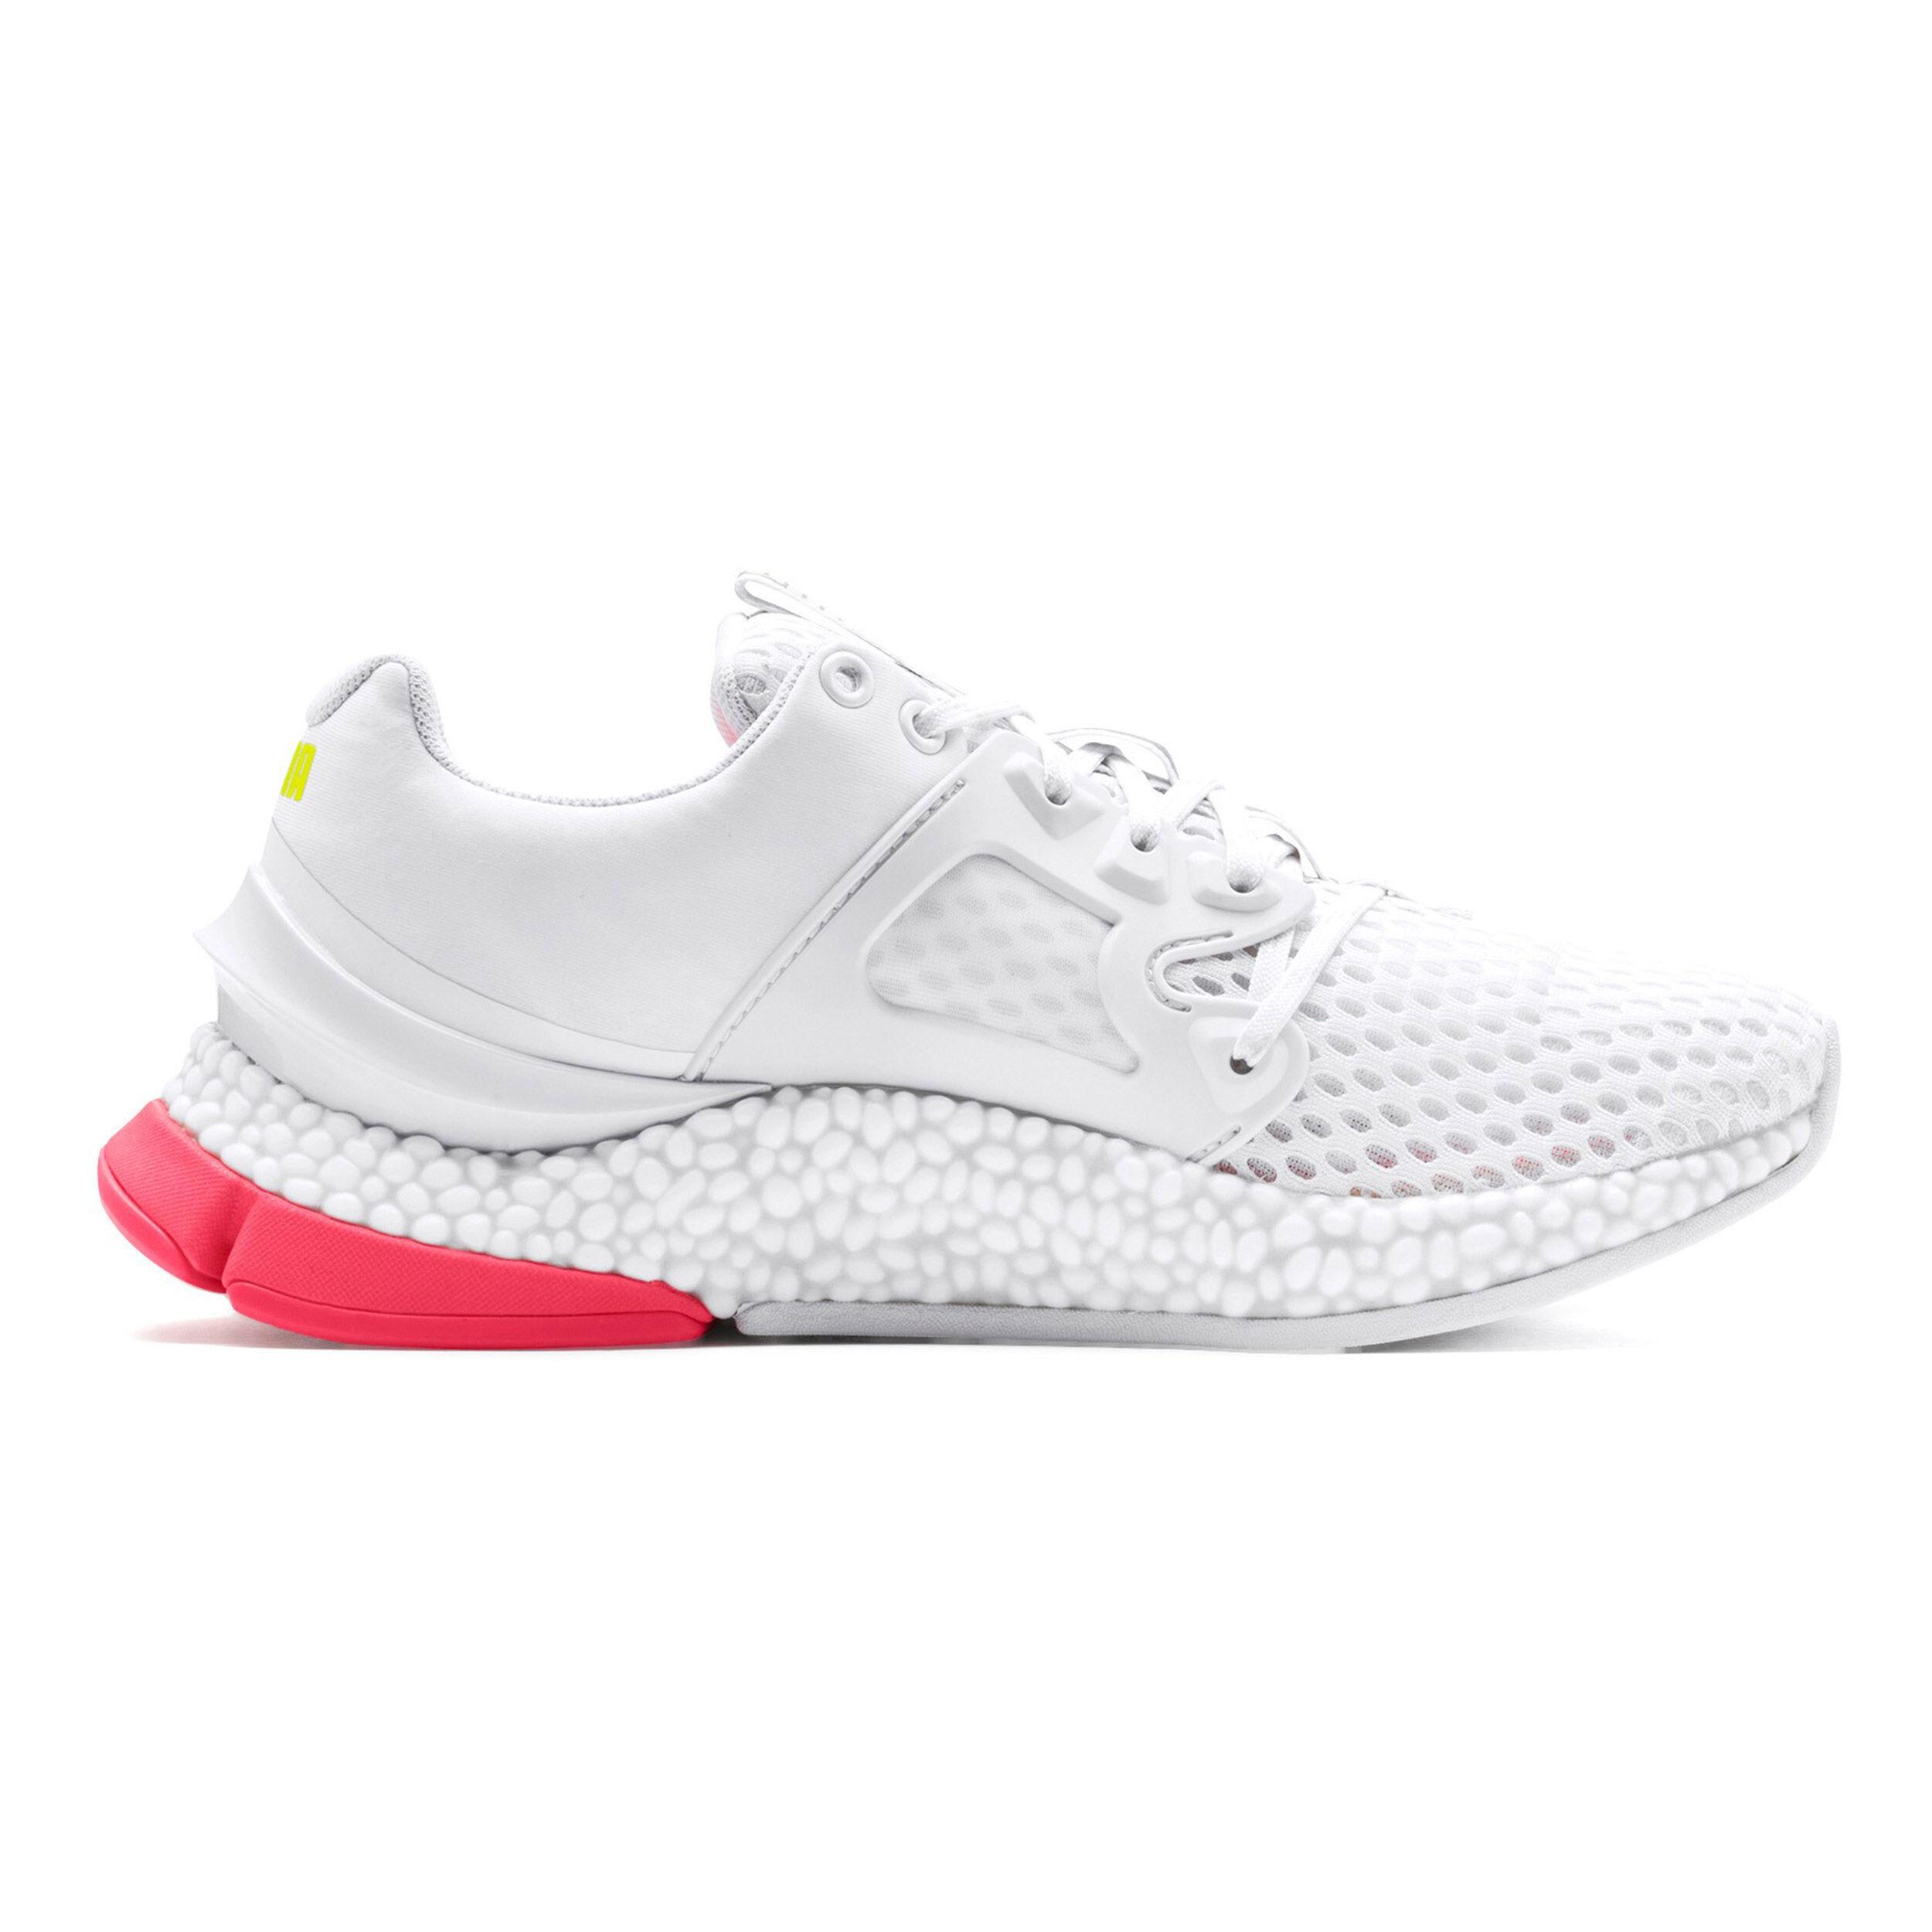 Puma Hybrid Sky Sneaker Damen Weiß, Pink online kaufen